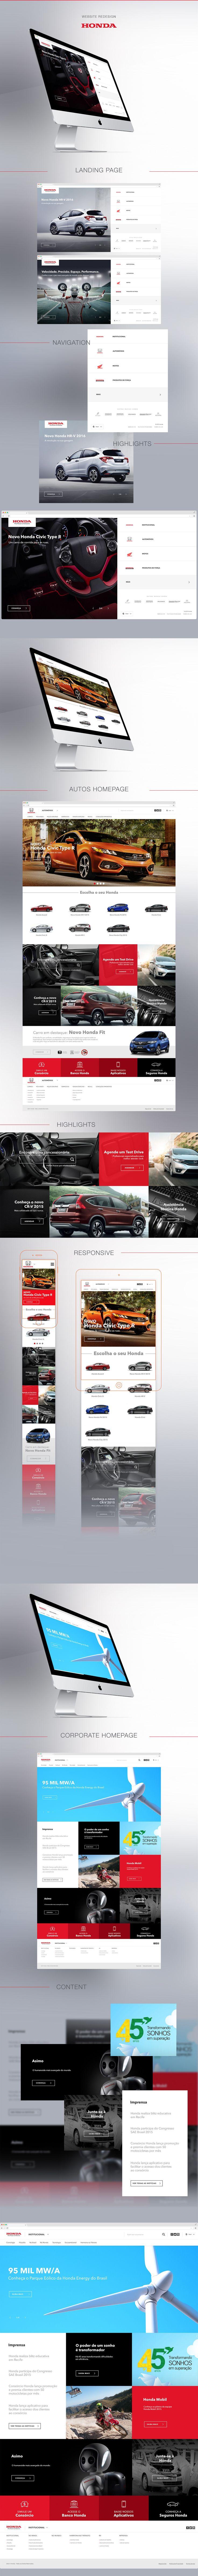 Honda - Website Redesign (Brazil) on Behance